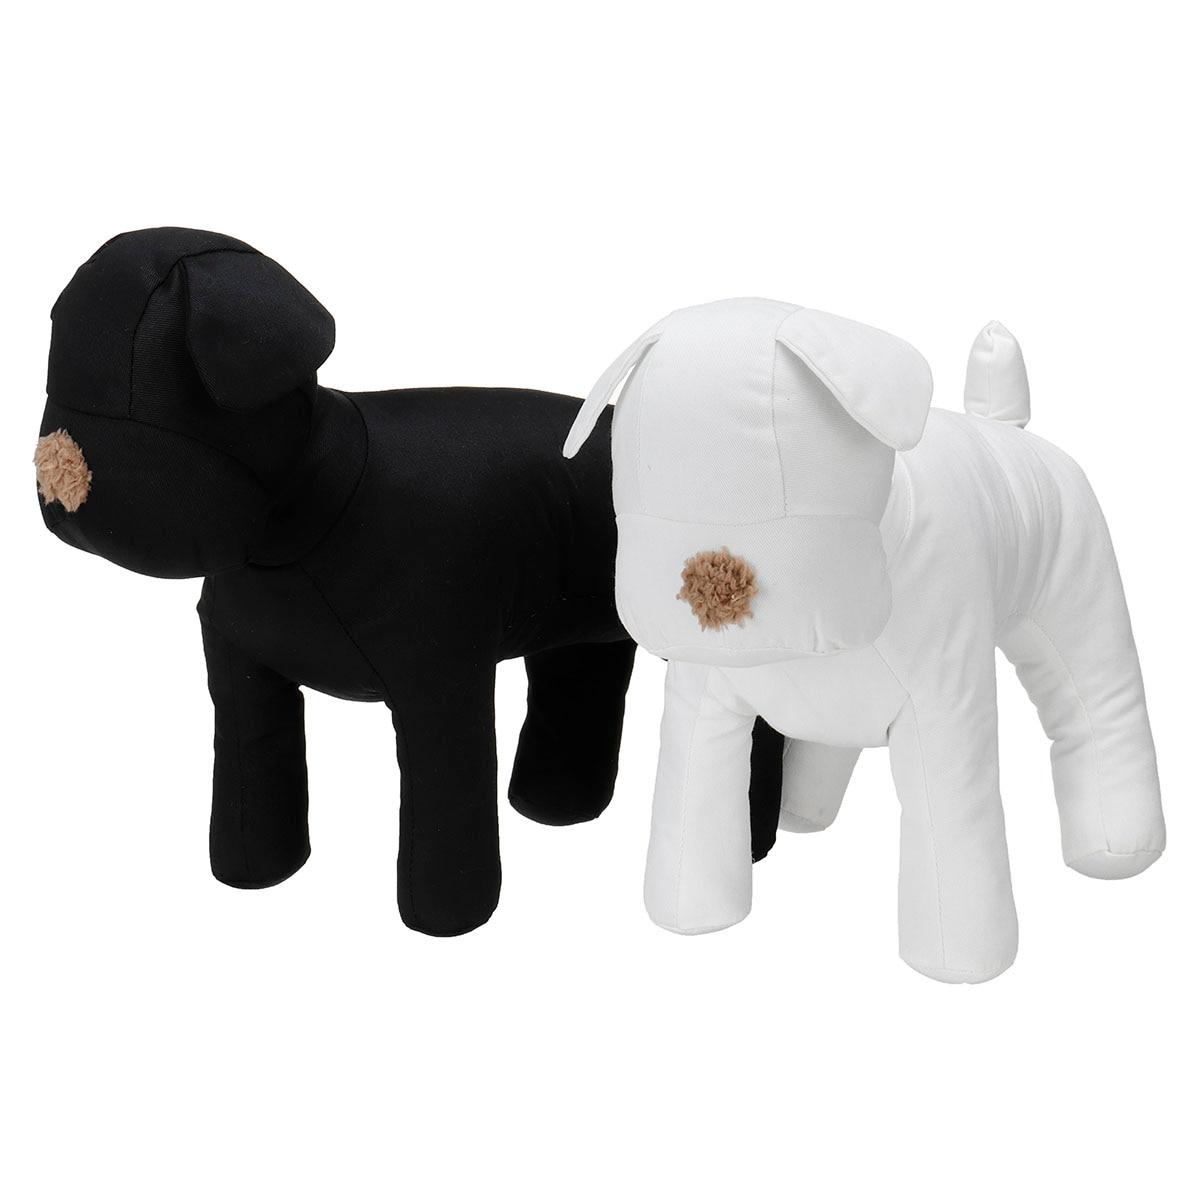 Одежда дисплей манекен собаки хлопок собака модель для розничного магазина/магазин домашних животных одежда воротник украшения шоу собака наборы